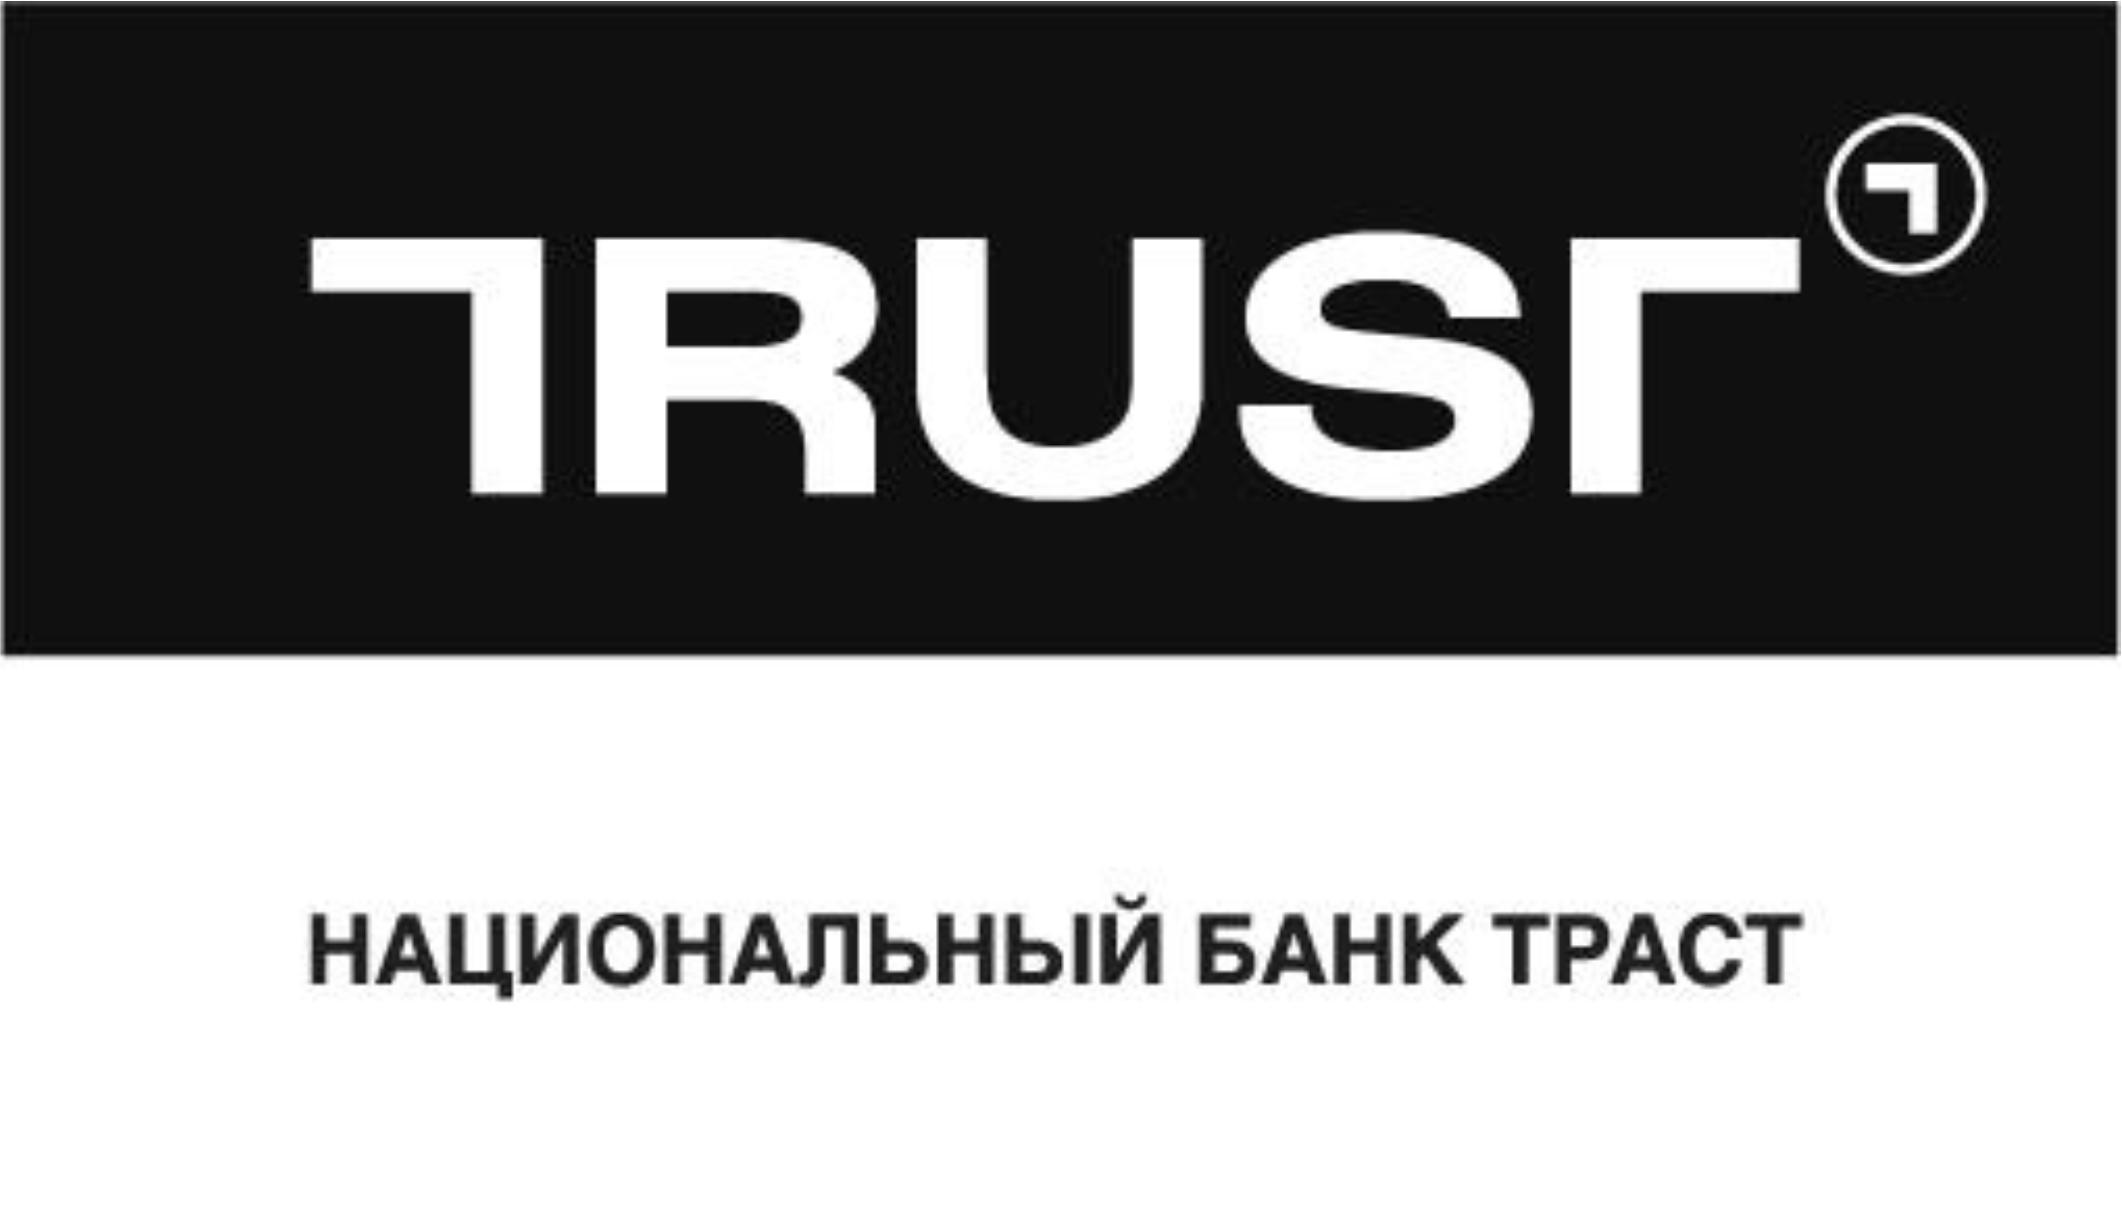 Напоминание о частичном изменении реквизитов Ф-ла Банка «ТРАСТ» (ПАО) в г.Москва - БАНК «ТРАСТ»